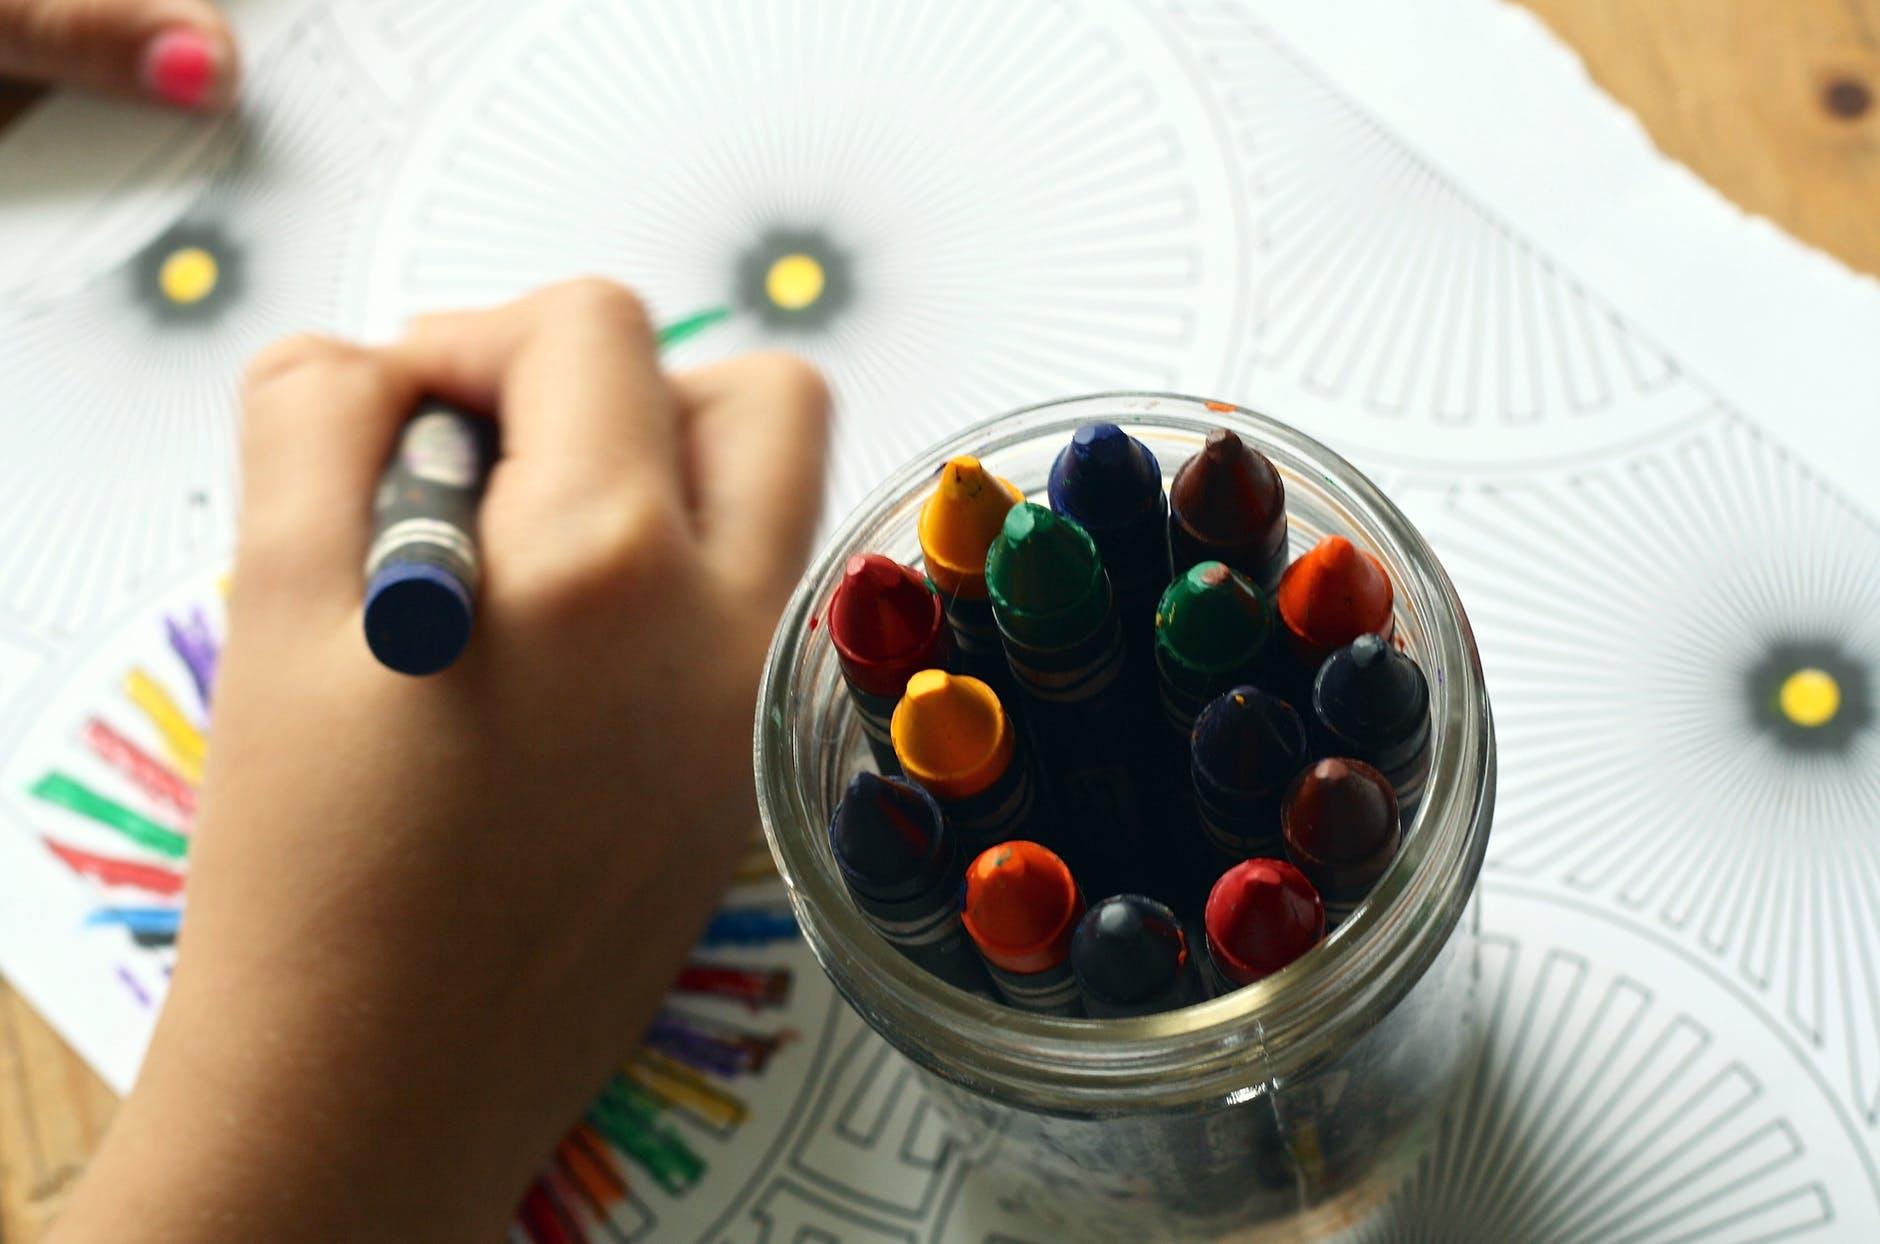 Wachsmalstifte im Glas bene einer malenden Kinderhand